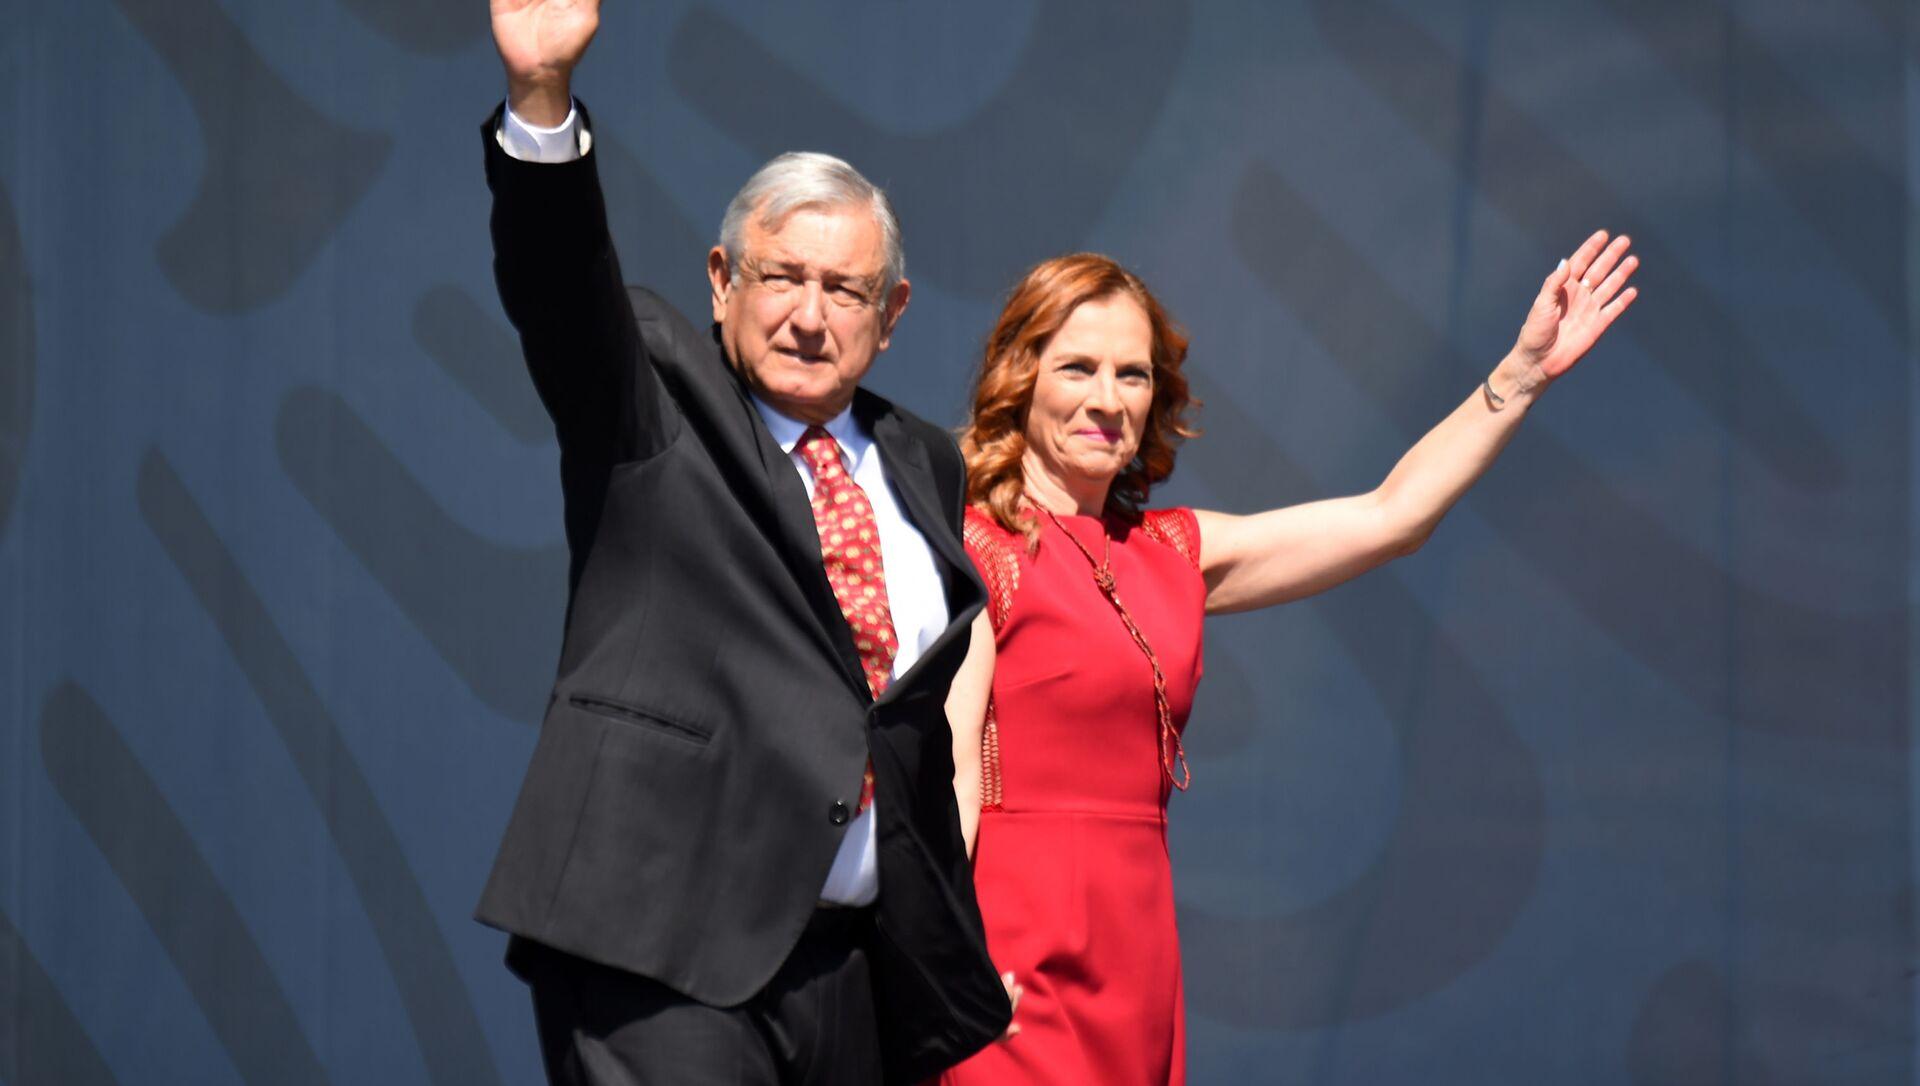 El presidente de México, Andrés Manuel López Obrador, y su esposa Beatriz Gutiérrez Müller - Sputnik Mundo, 1920, 03.02.2021